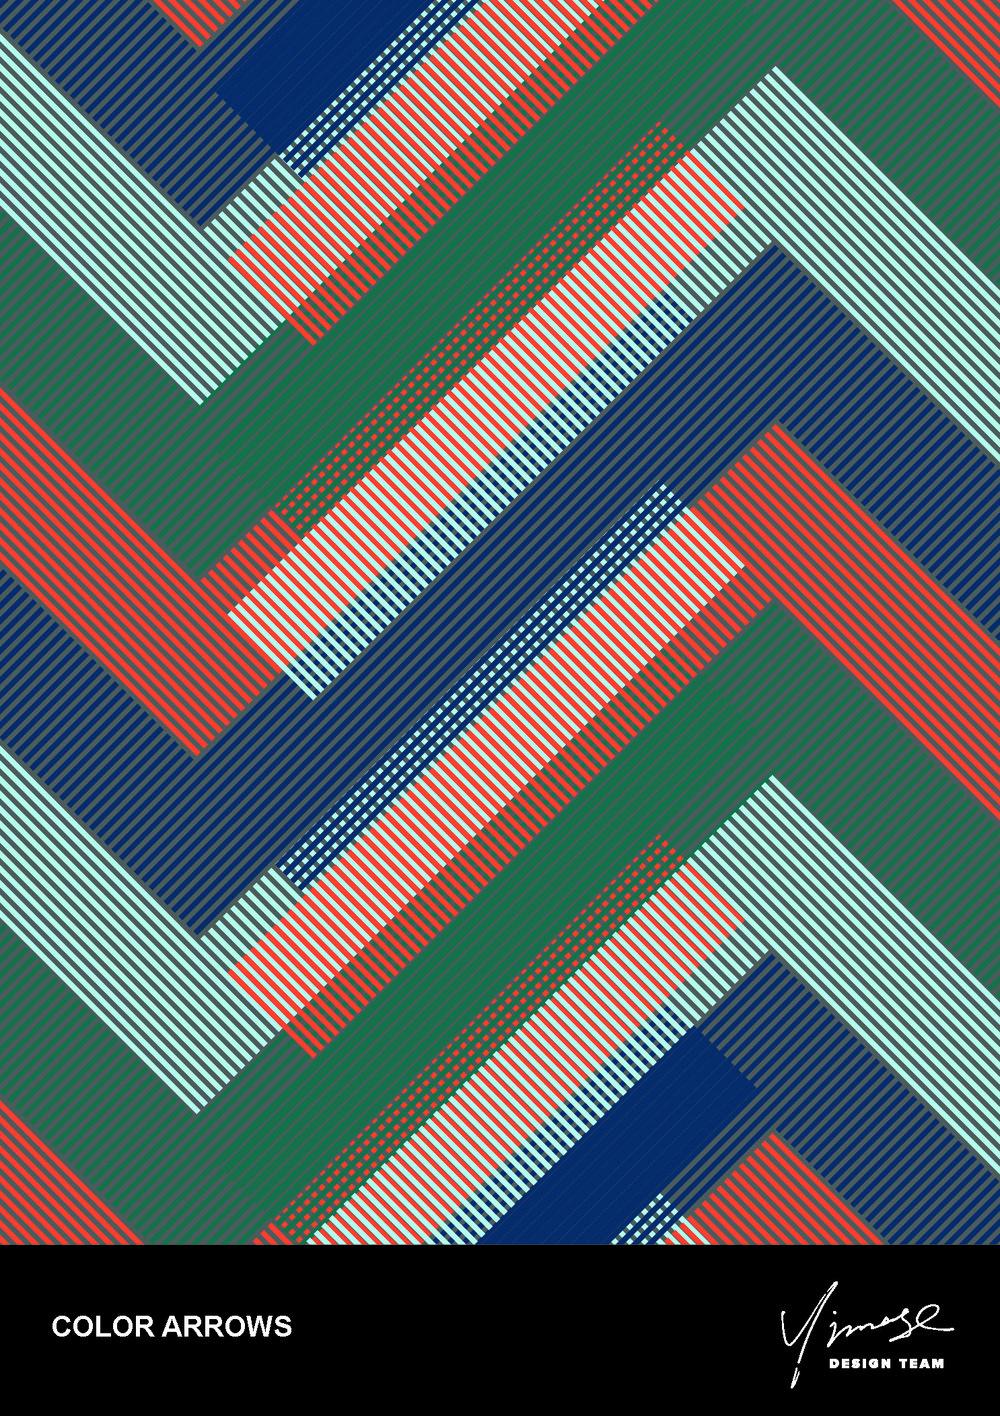 Colour Arrows (2).jpg